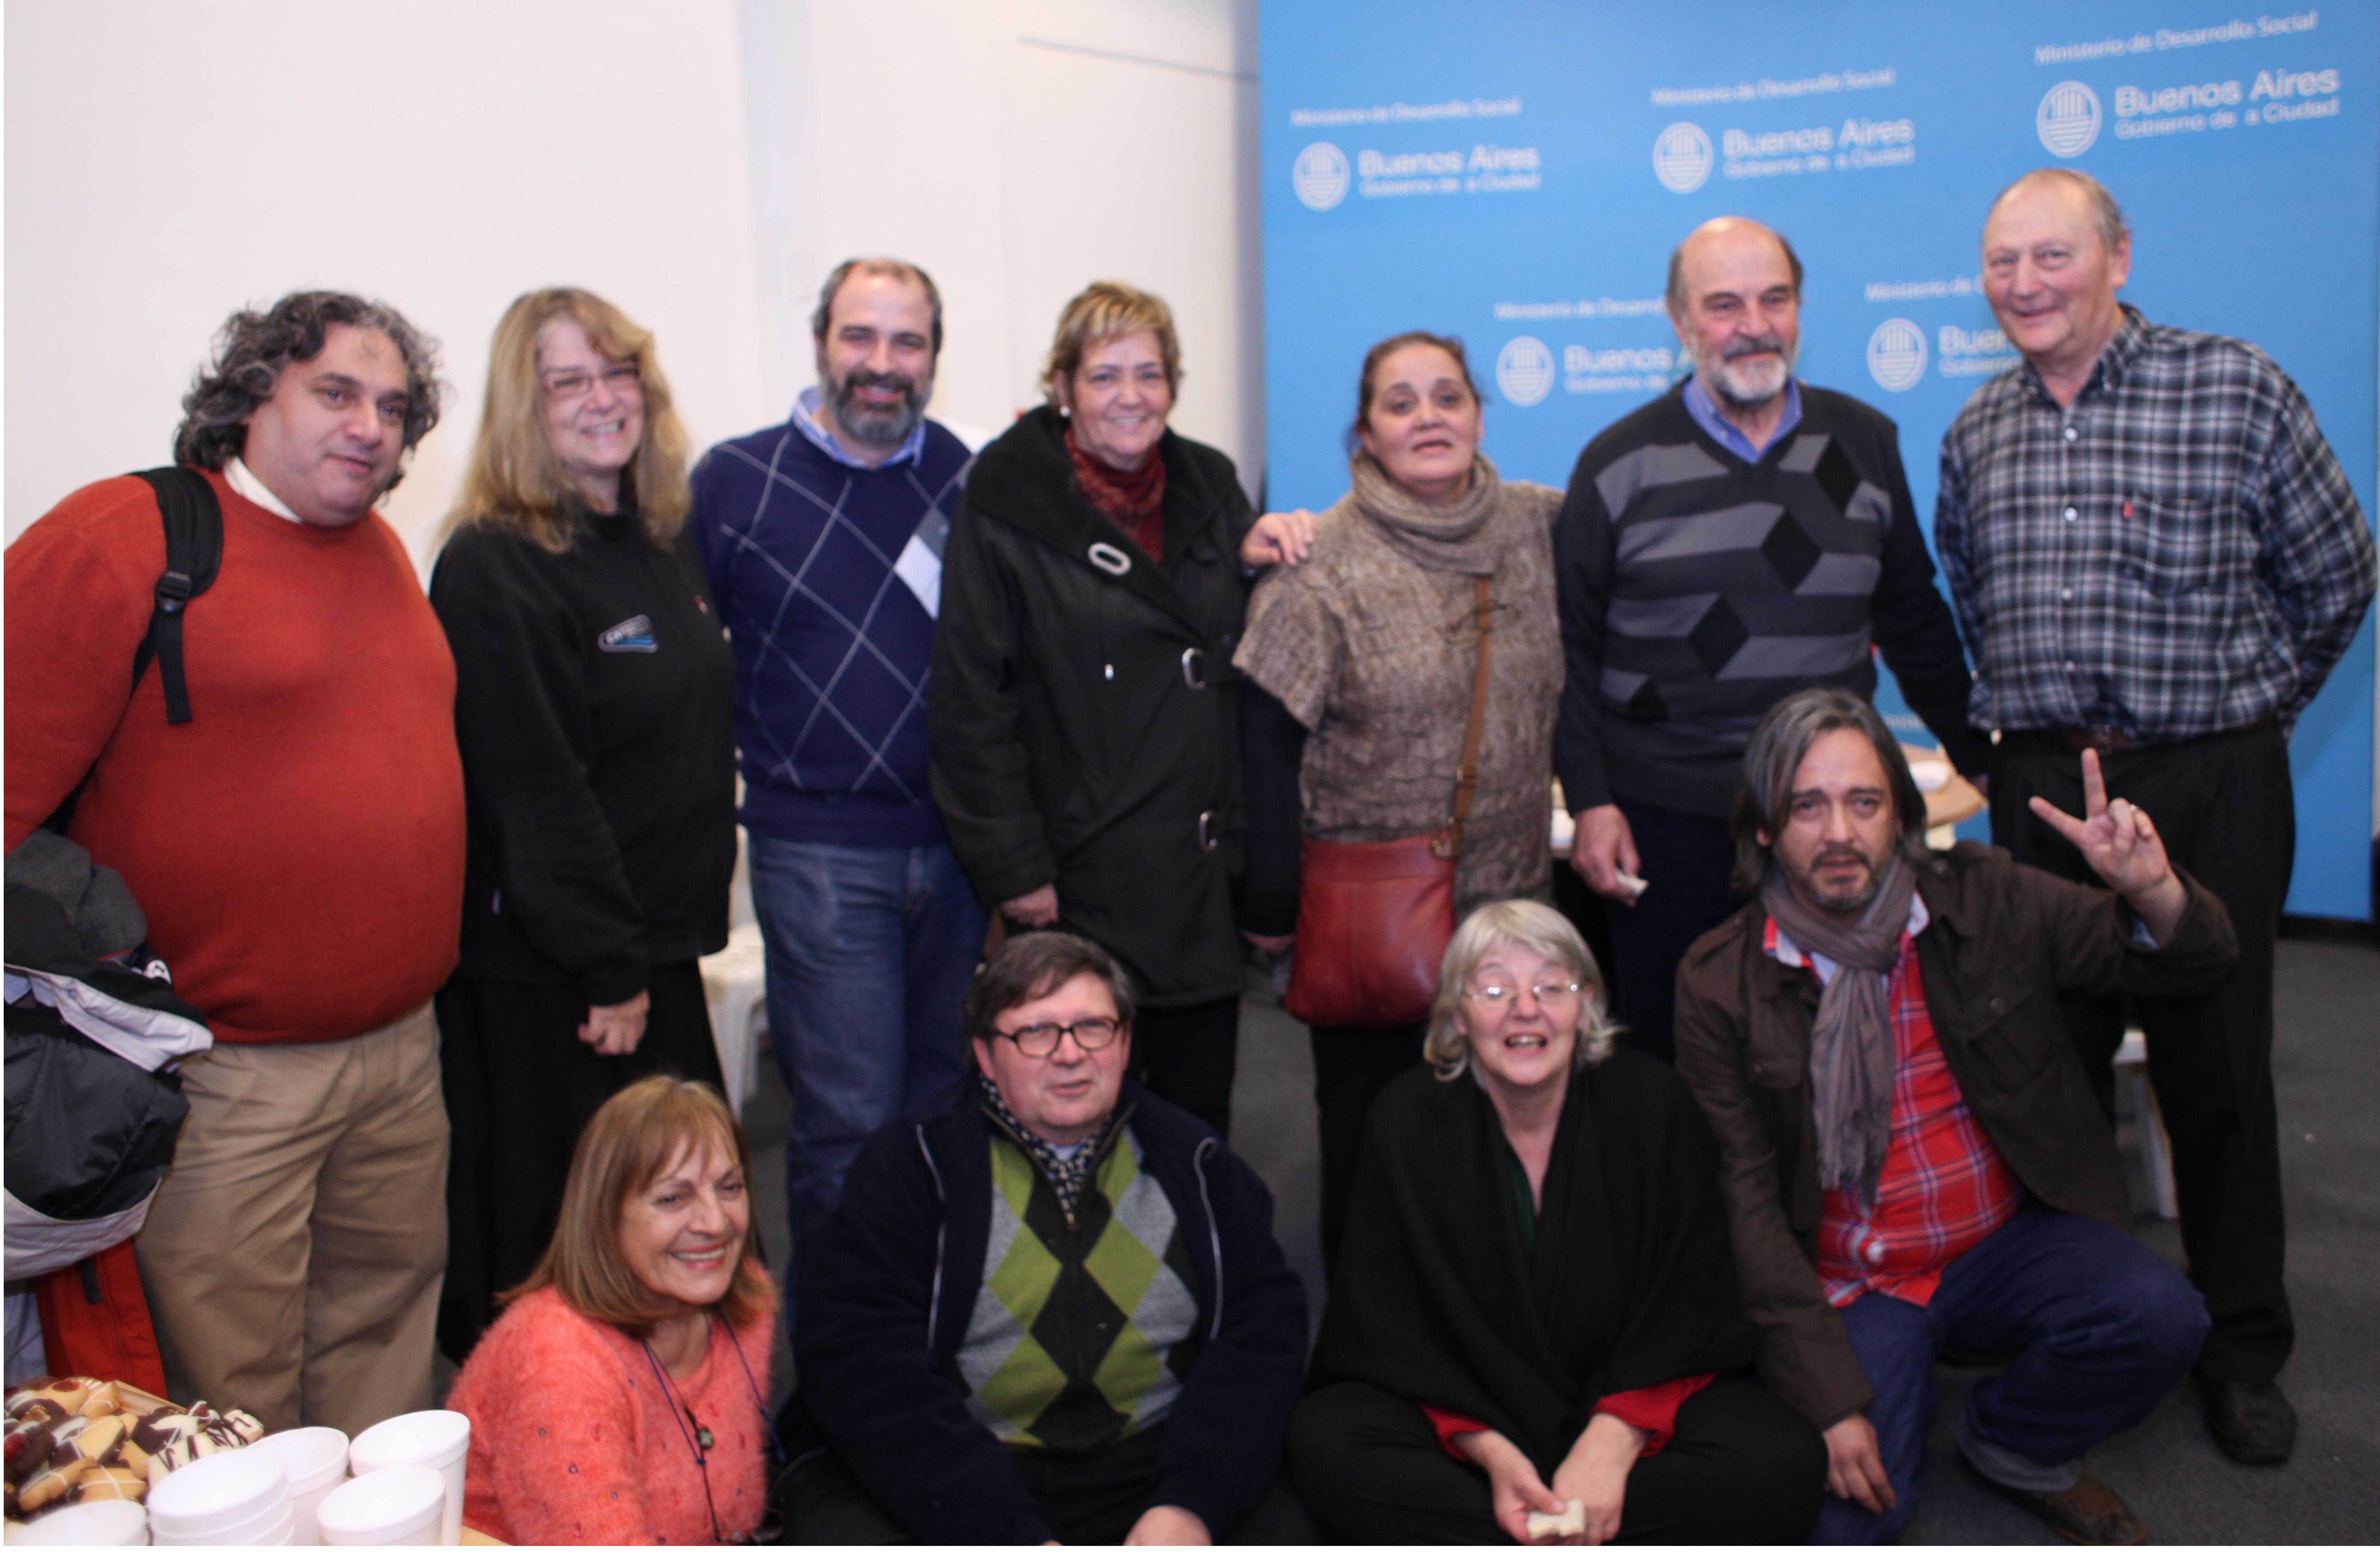 La Casona estuvo presente en el homenaje al Profesor Ernesto Muller